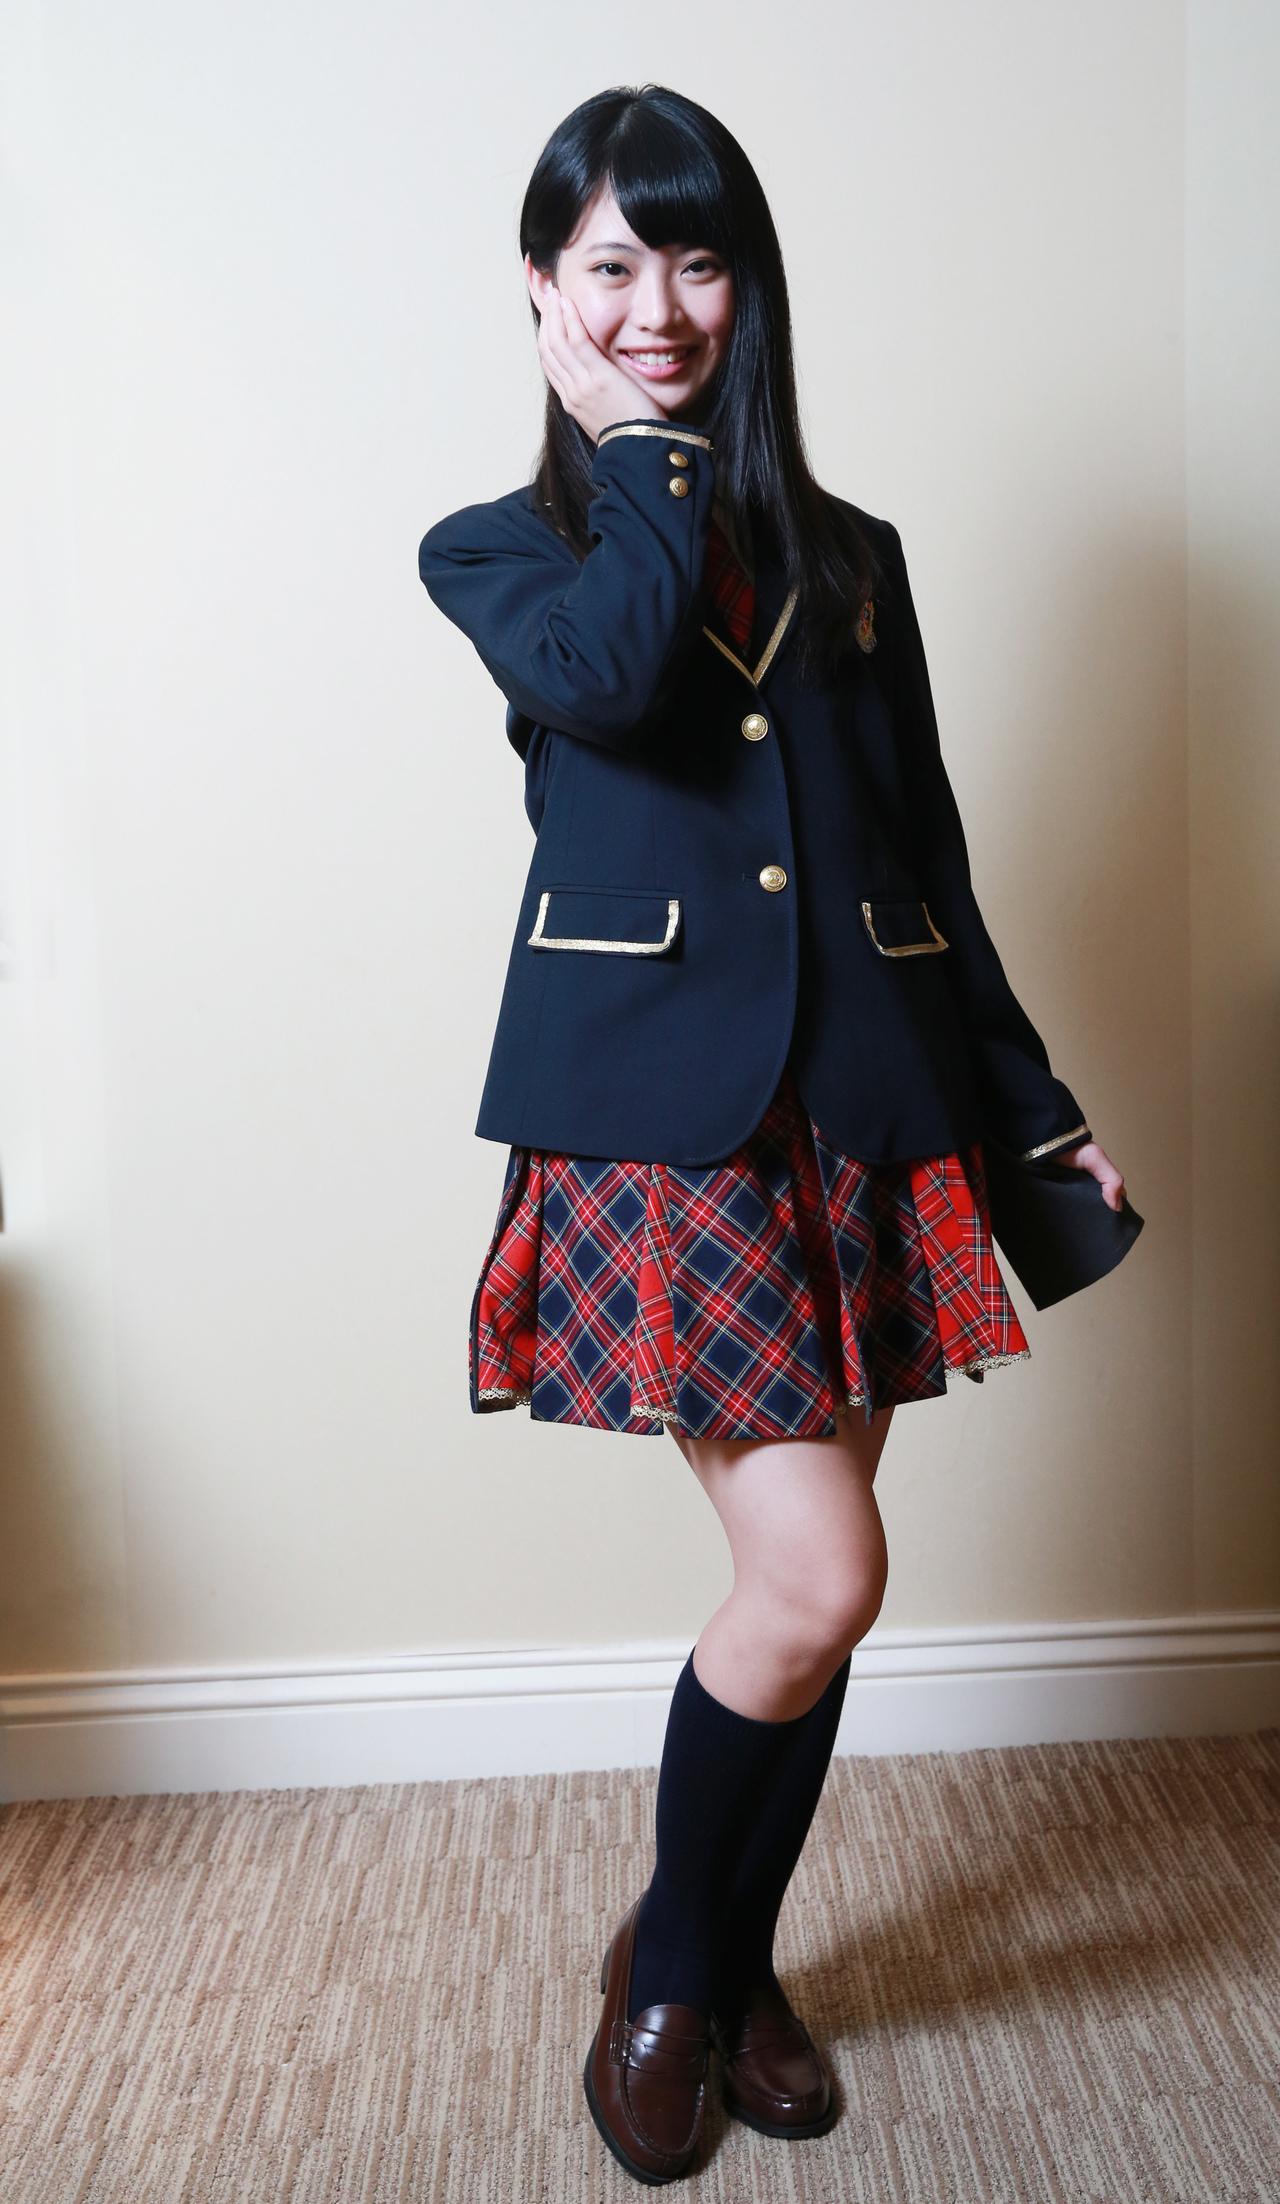 【AKB48】まちゃりん☆馬嘉伶☆応援スレ★3回目17歳【チームB台湾留学生】©2ch.netYouTube動画>27本 ->画像>134枚